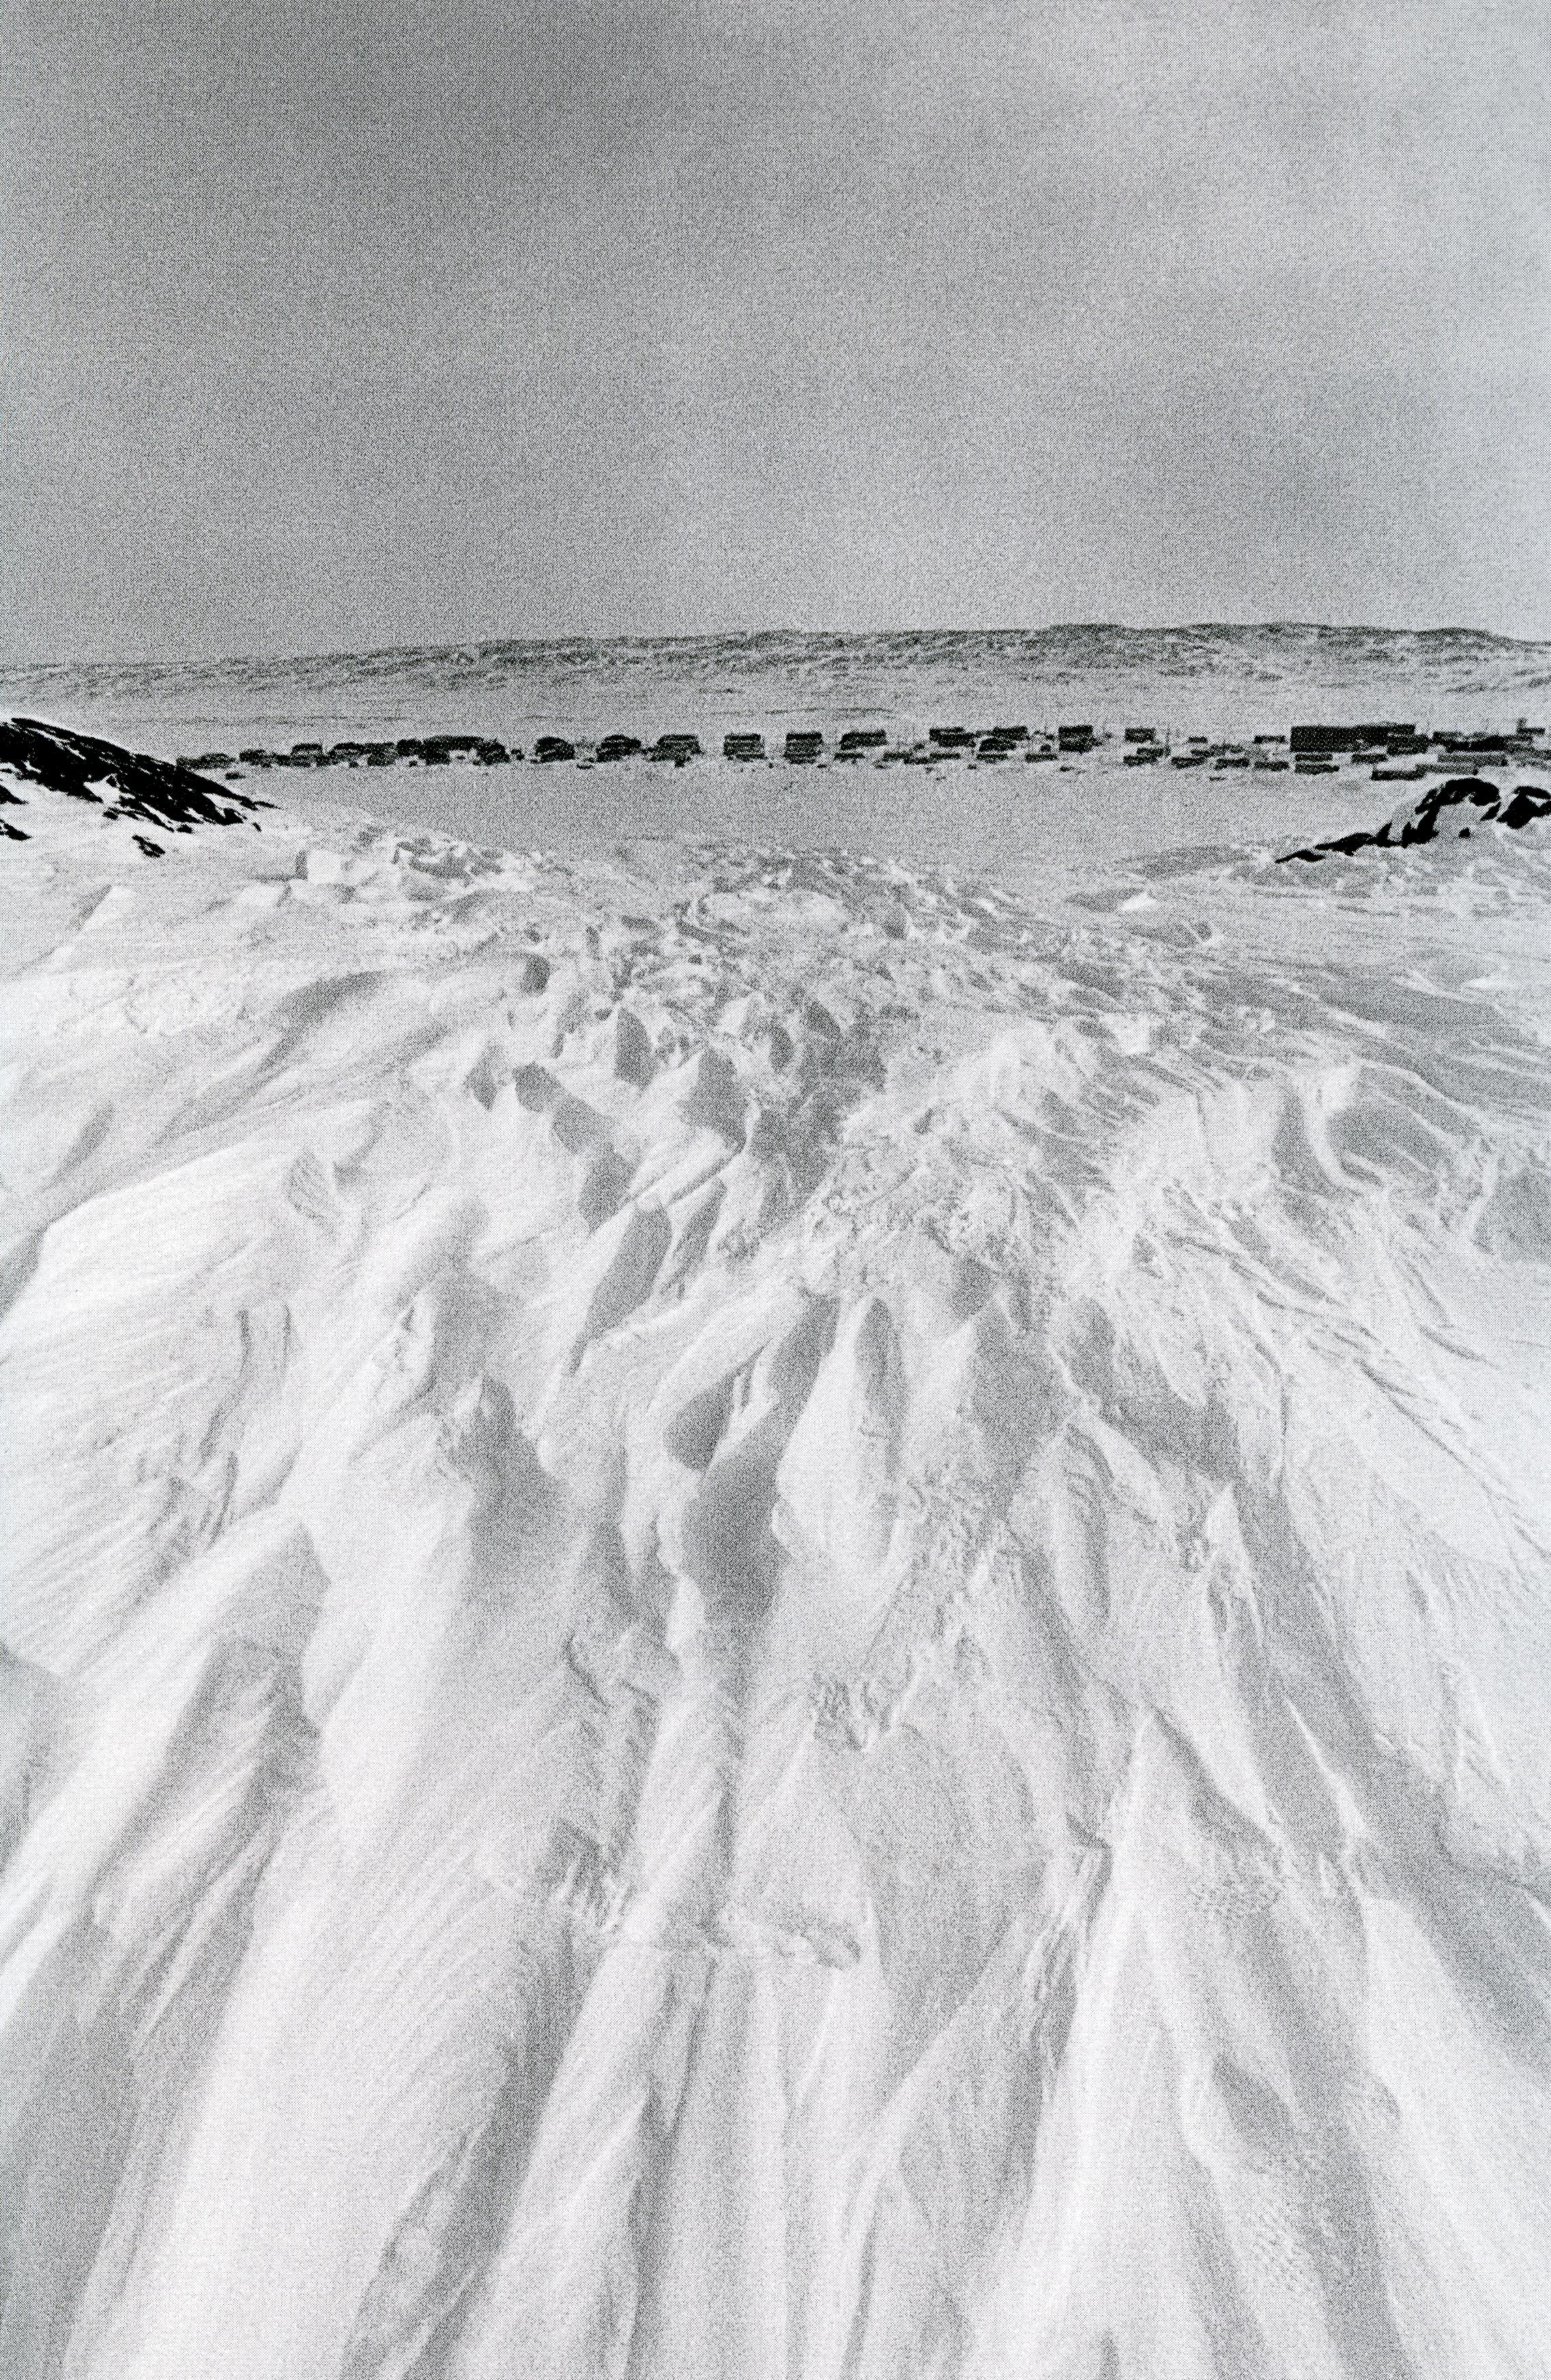 jf leblanc_aux abords du cratère du Nouveau-Québec, Nunavik, 1996_p61